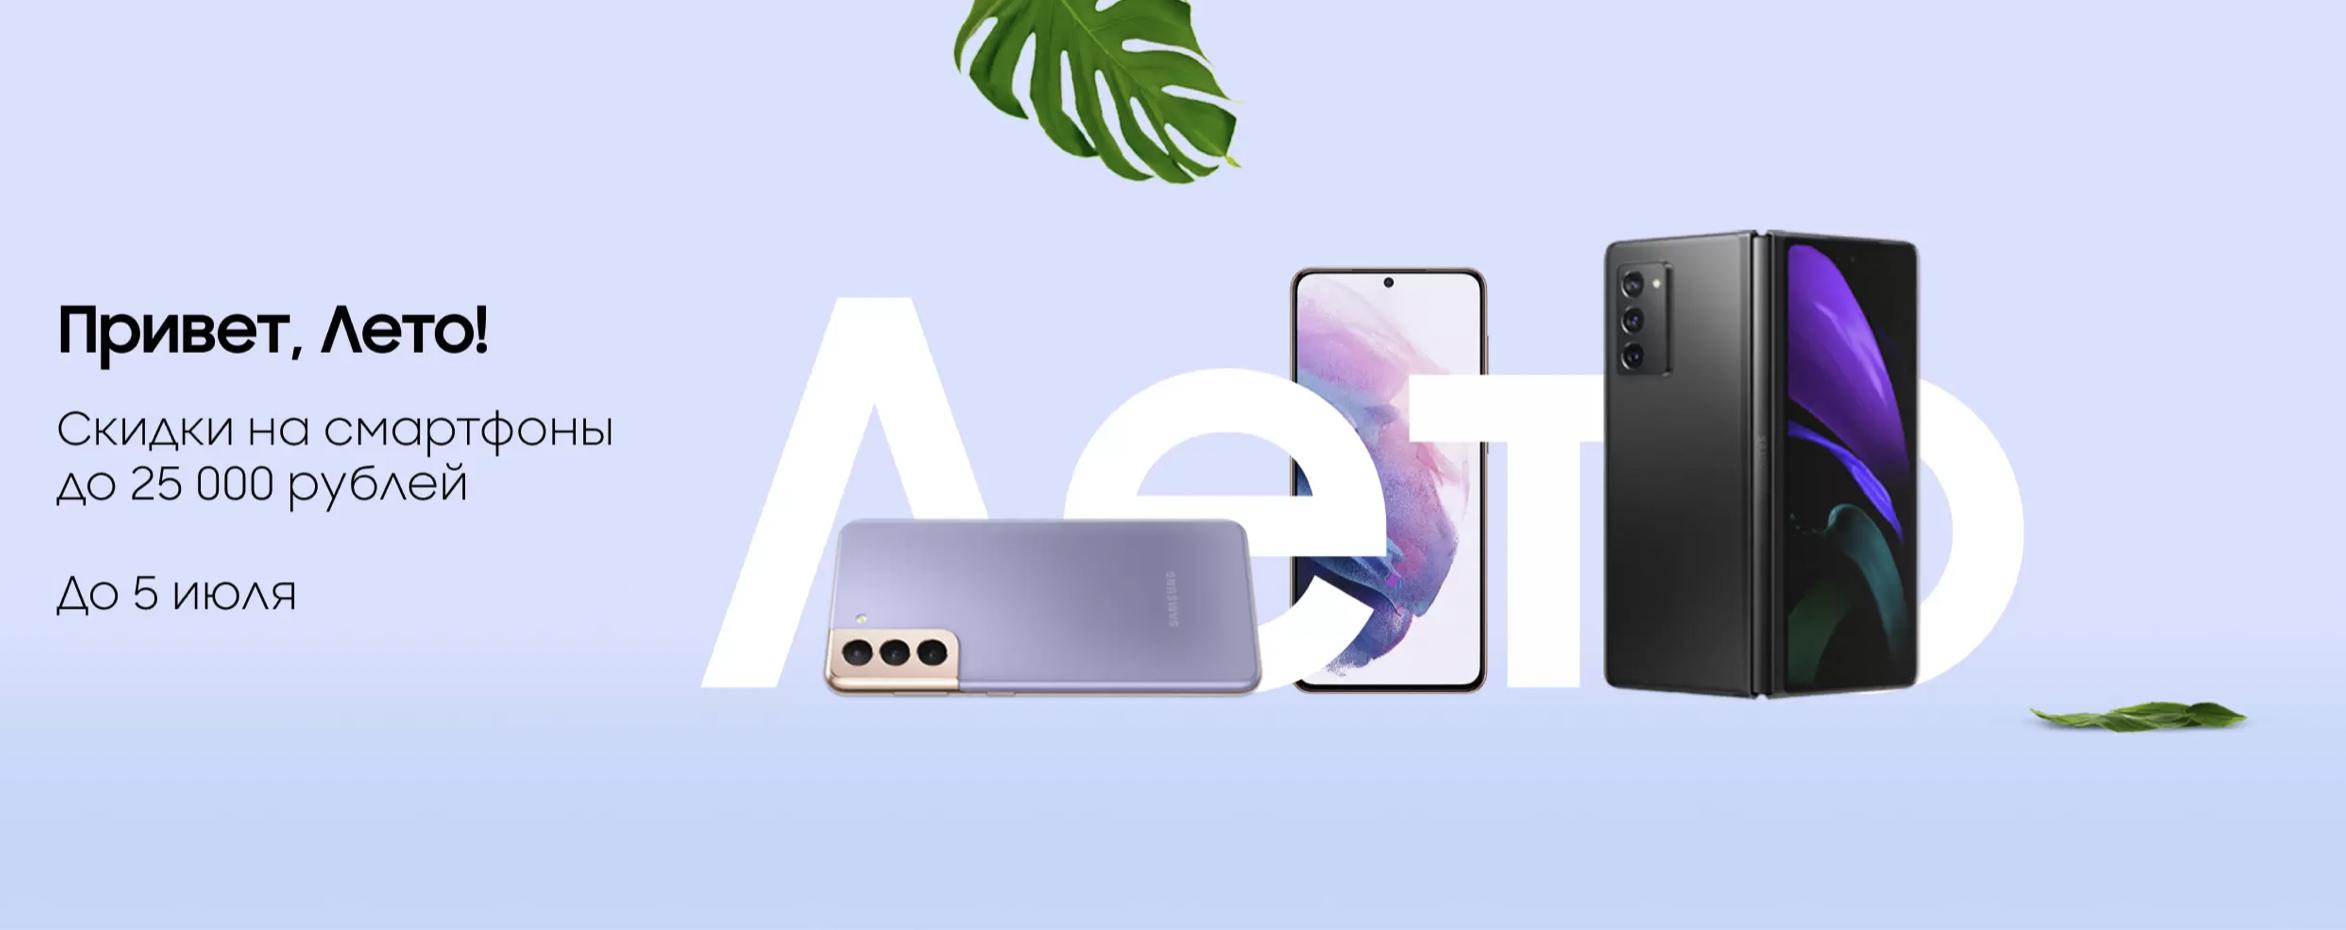 Смартфоны Samsung продают со скидками до 25 тысяч рублей